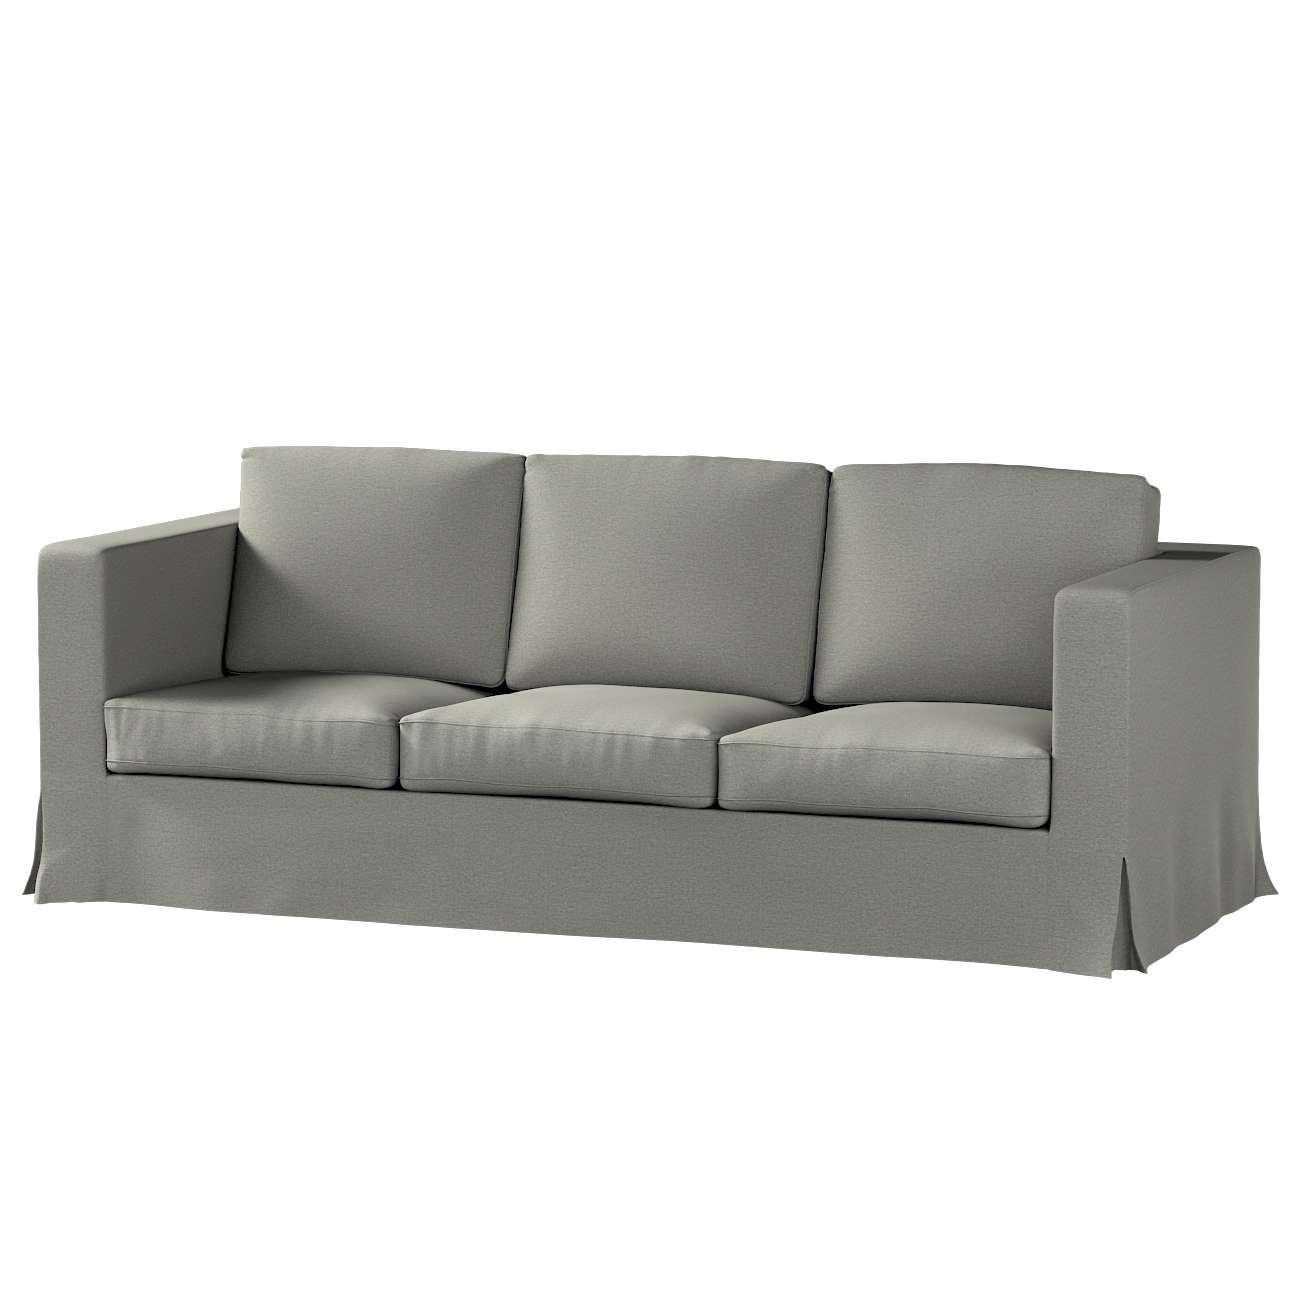 Bezug für Karlanda 3-Sitzer Sofa nicht ausklappbar, lang von der Kollektion Etna, Stoff: 161-25